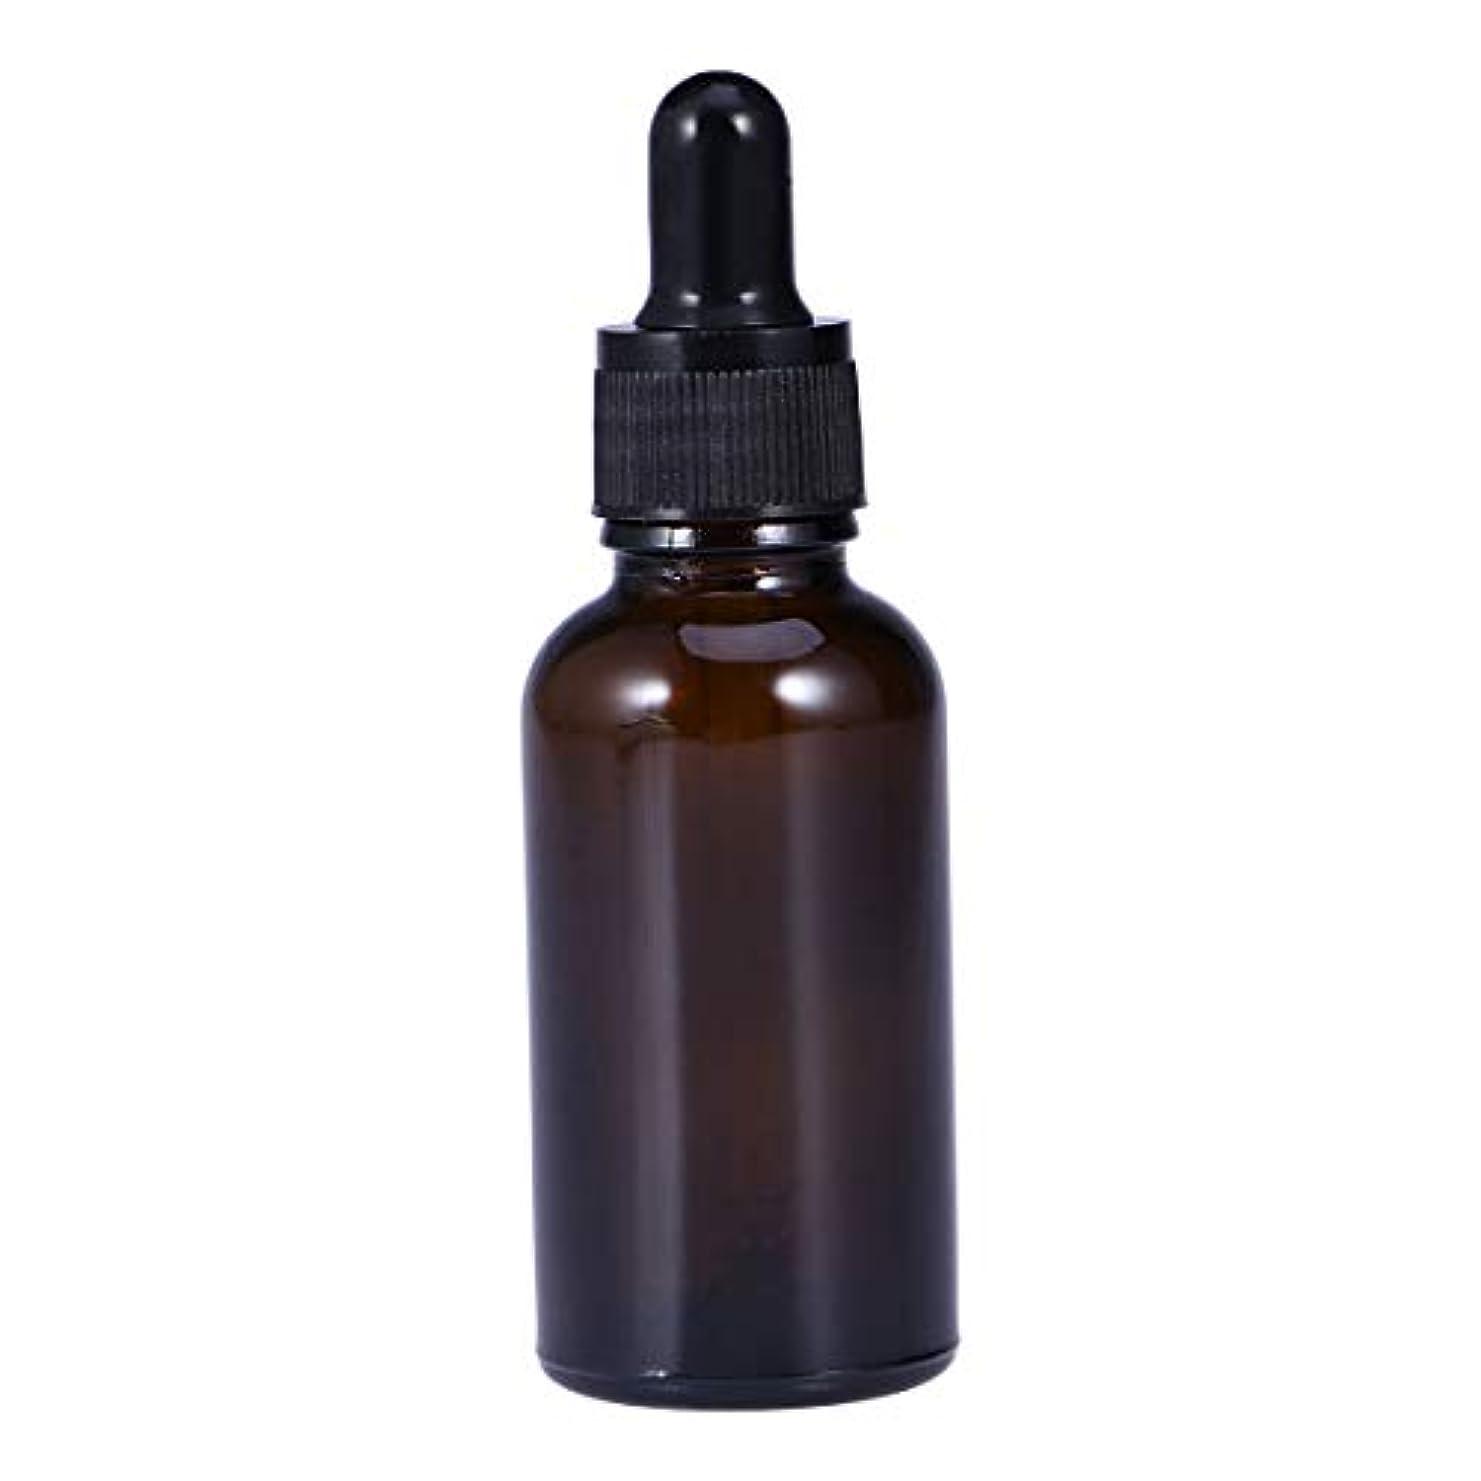 該当するフラフープ北へFrcolor 遮光瓶 スポイト遮光瓶 スポイト付き 30ml アロマボトル 保存容器 エッセンシャルオイル 香水 保存用 詰替え ガラス 茶色 5本セット